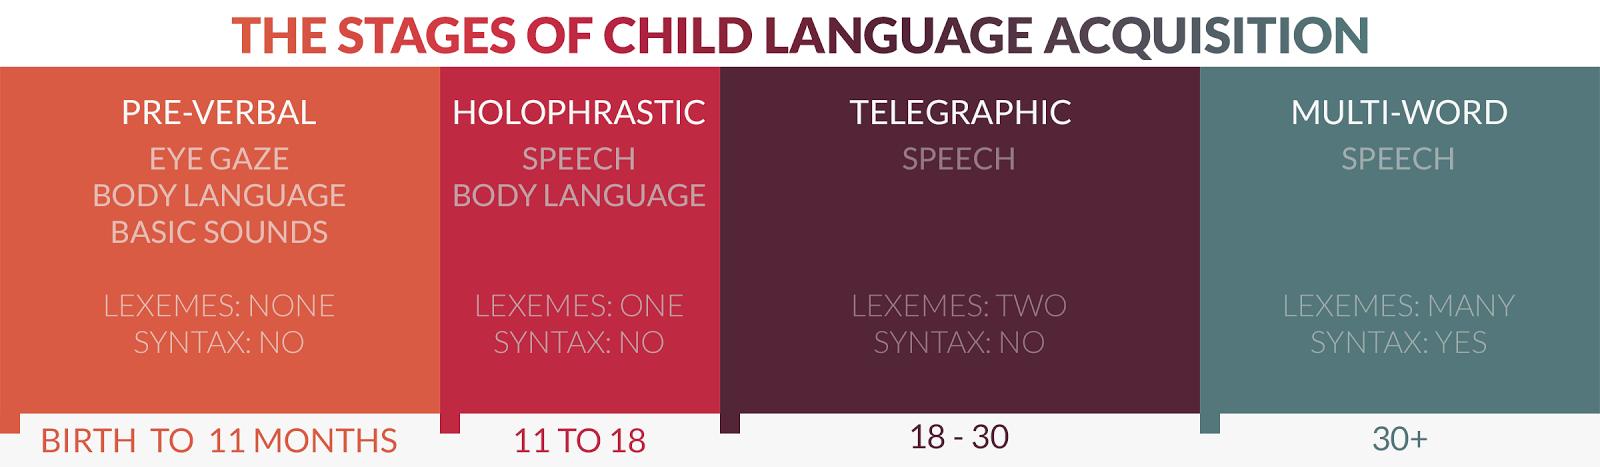 child language acquisition stages